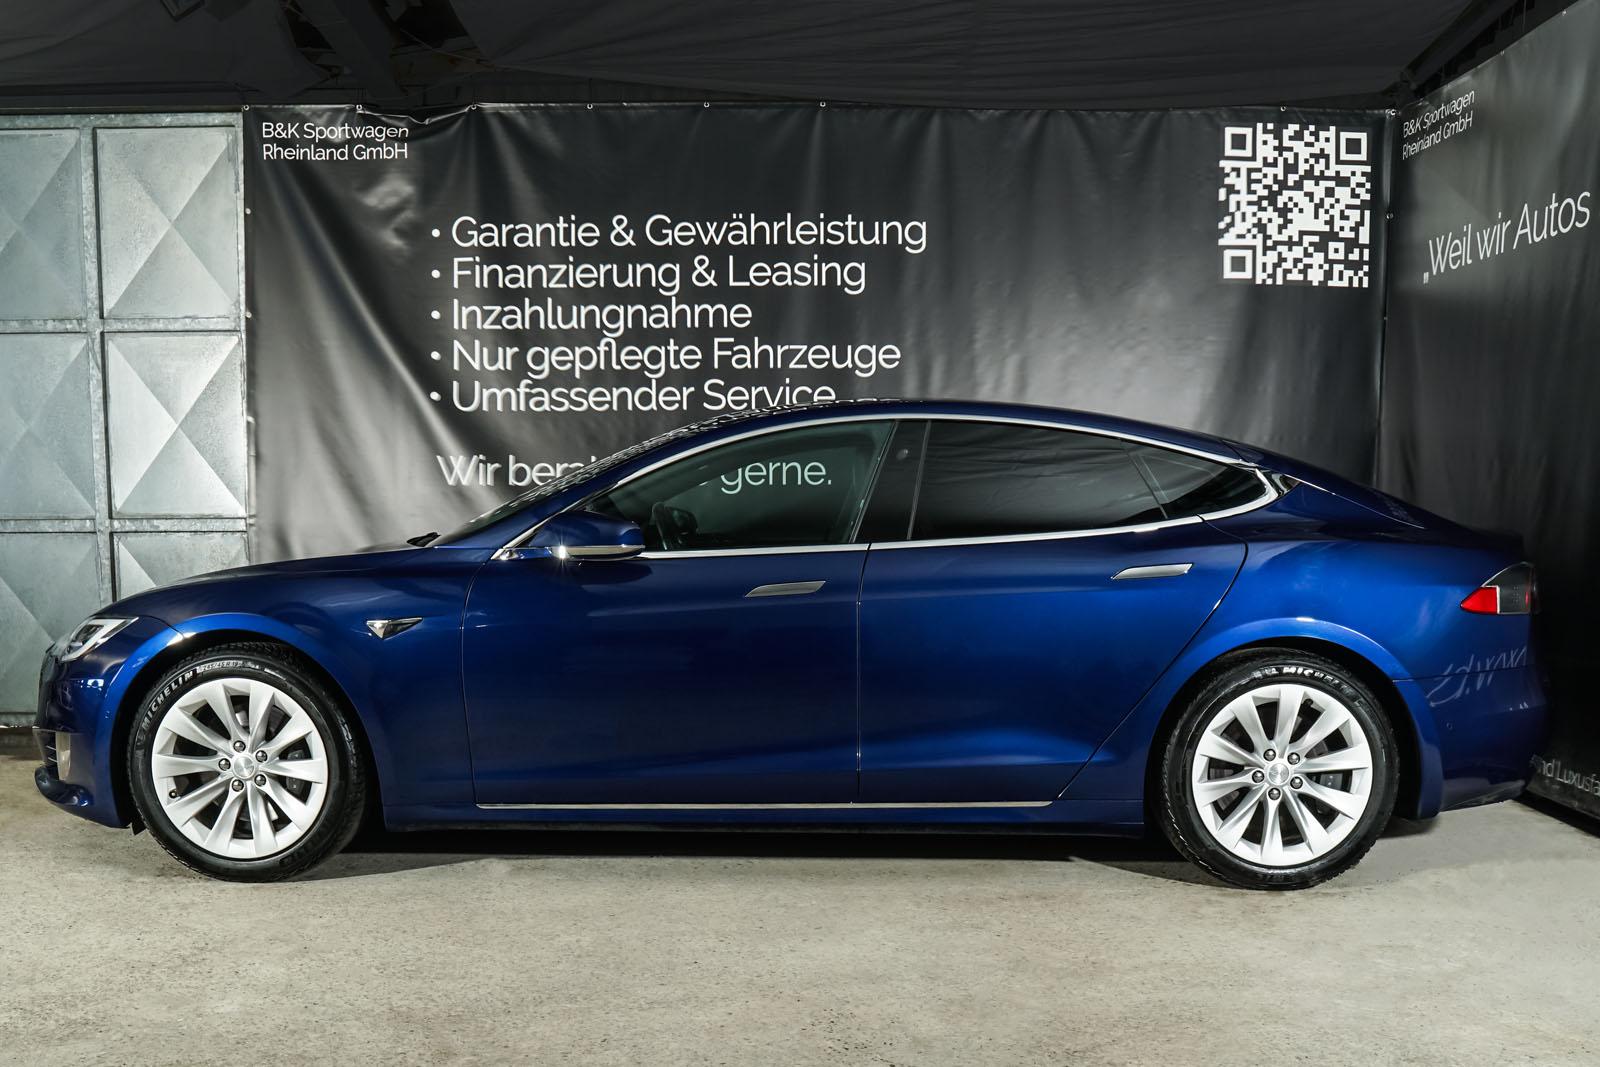 Tesla_ModelS_75RWD_Blau_Schwarz_TES-5563_5_w